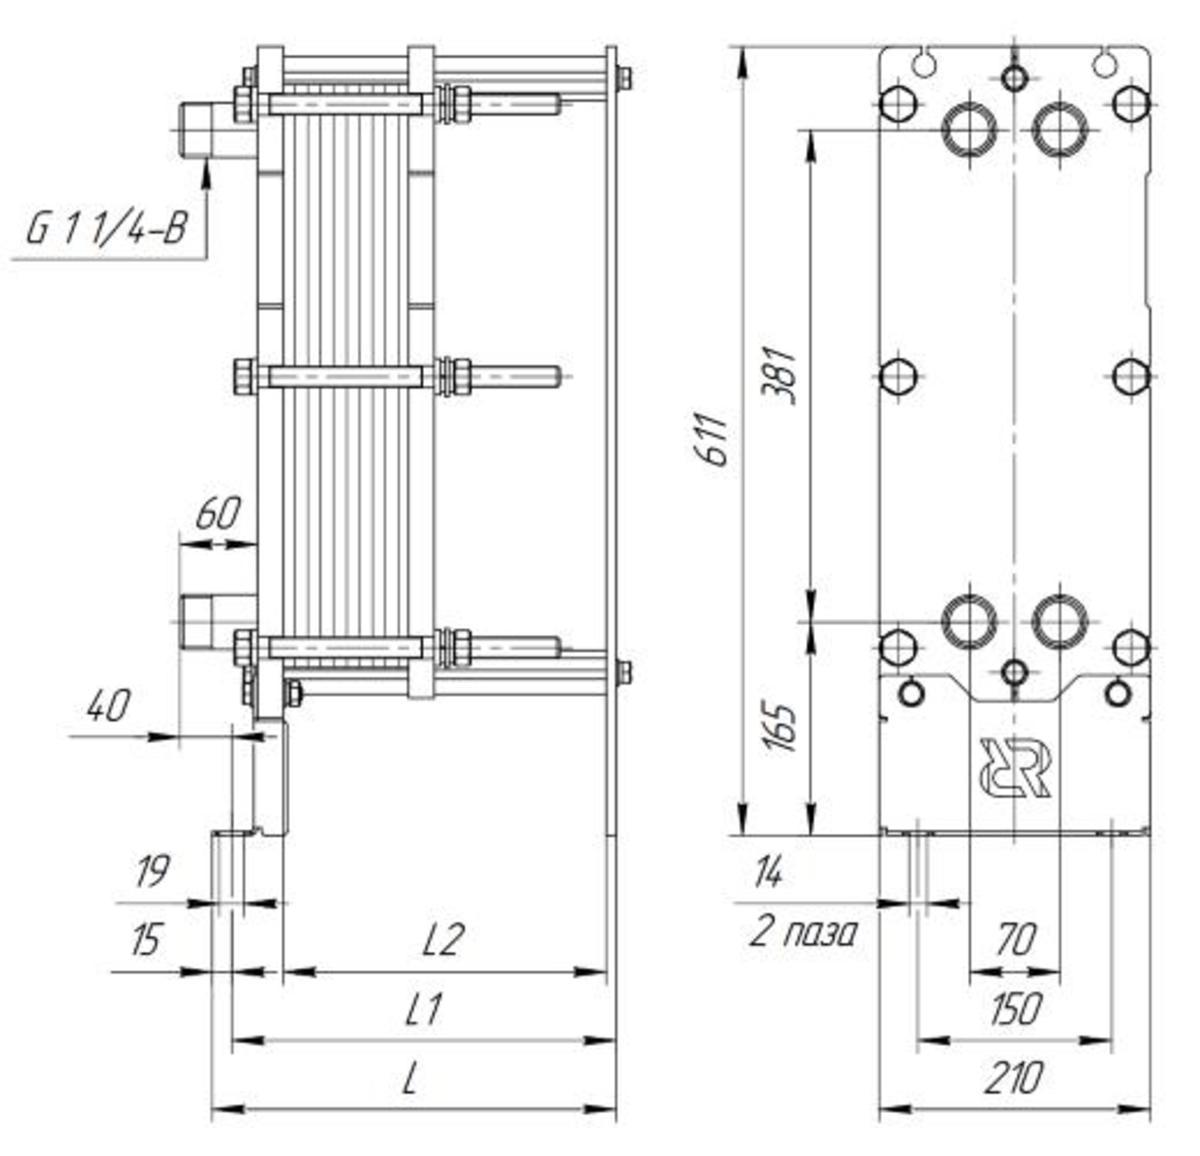 Теплообменник ридан 14а цена Разборный пластинчатый теплообменник APV J107 Северск